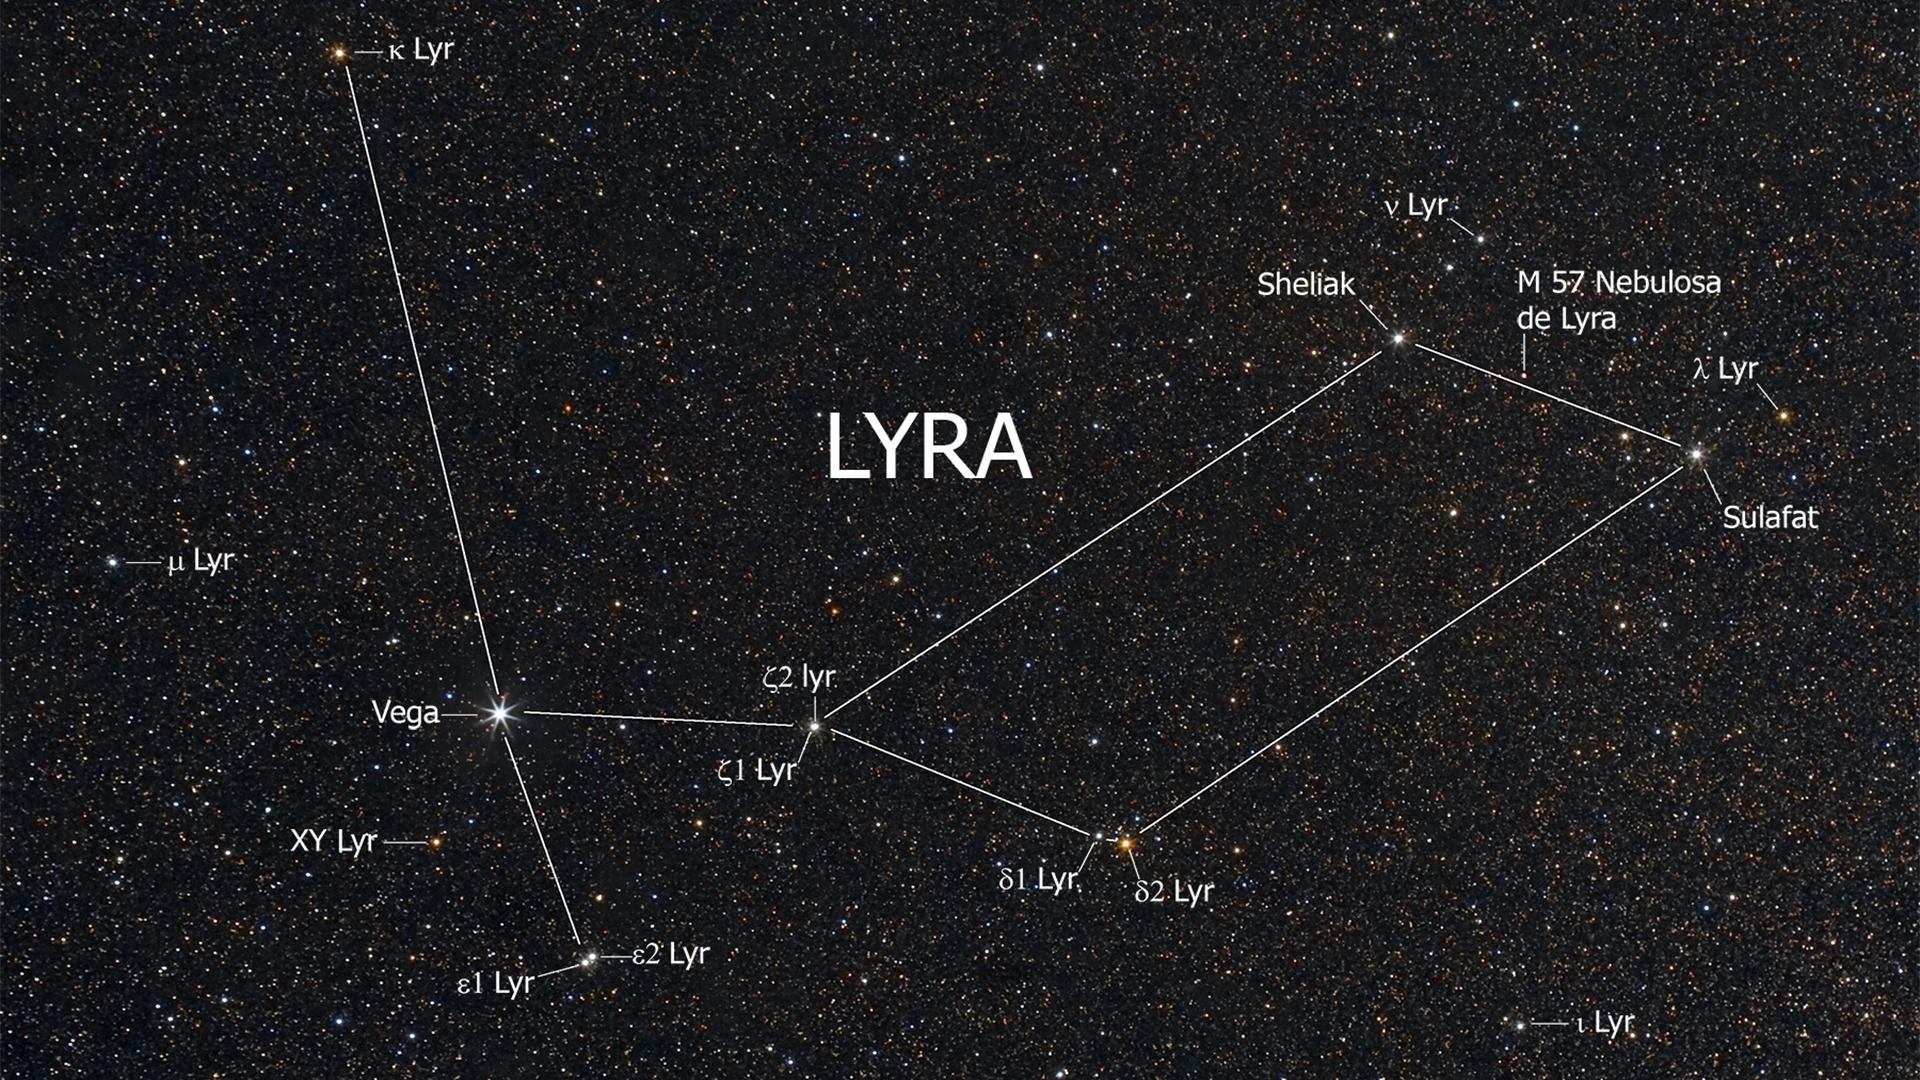 Lyra meteroro - noticiero de venezuela